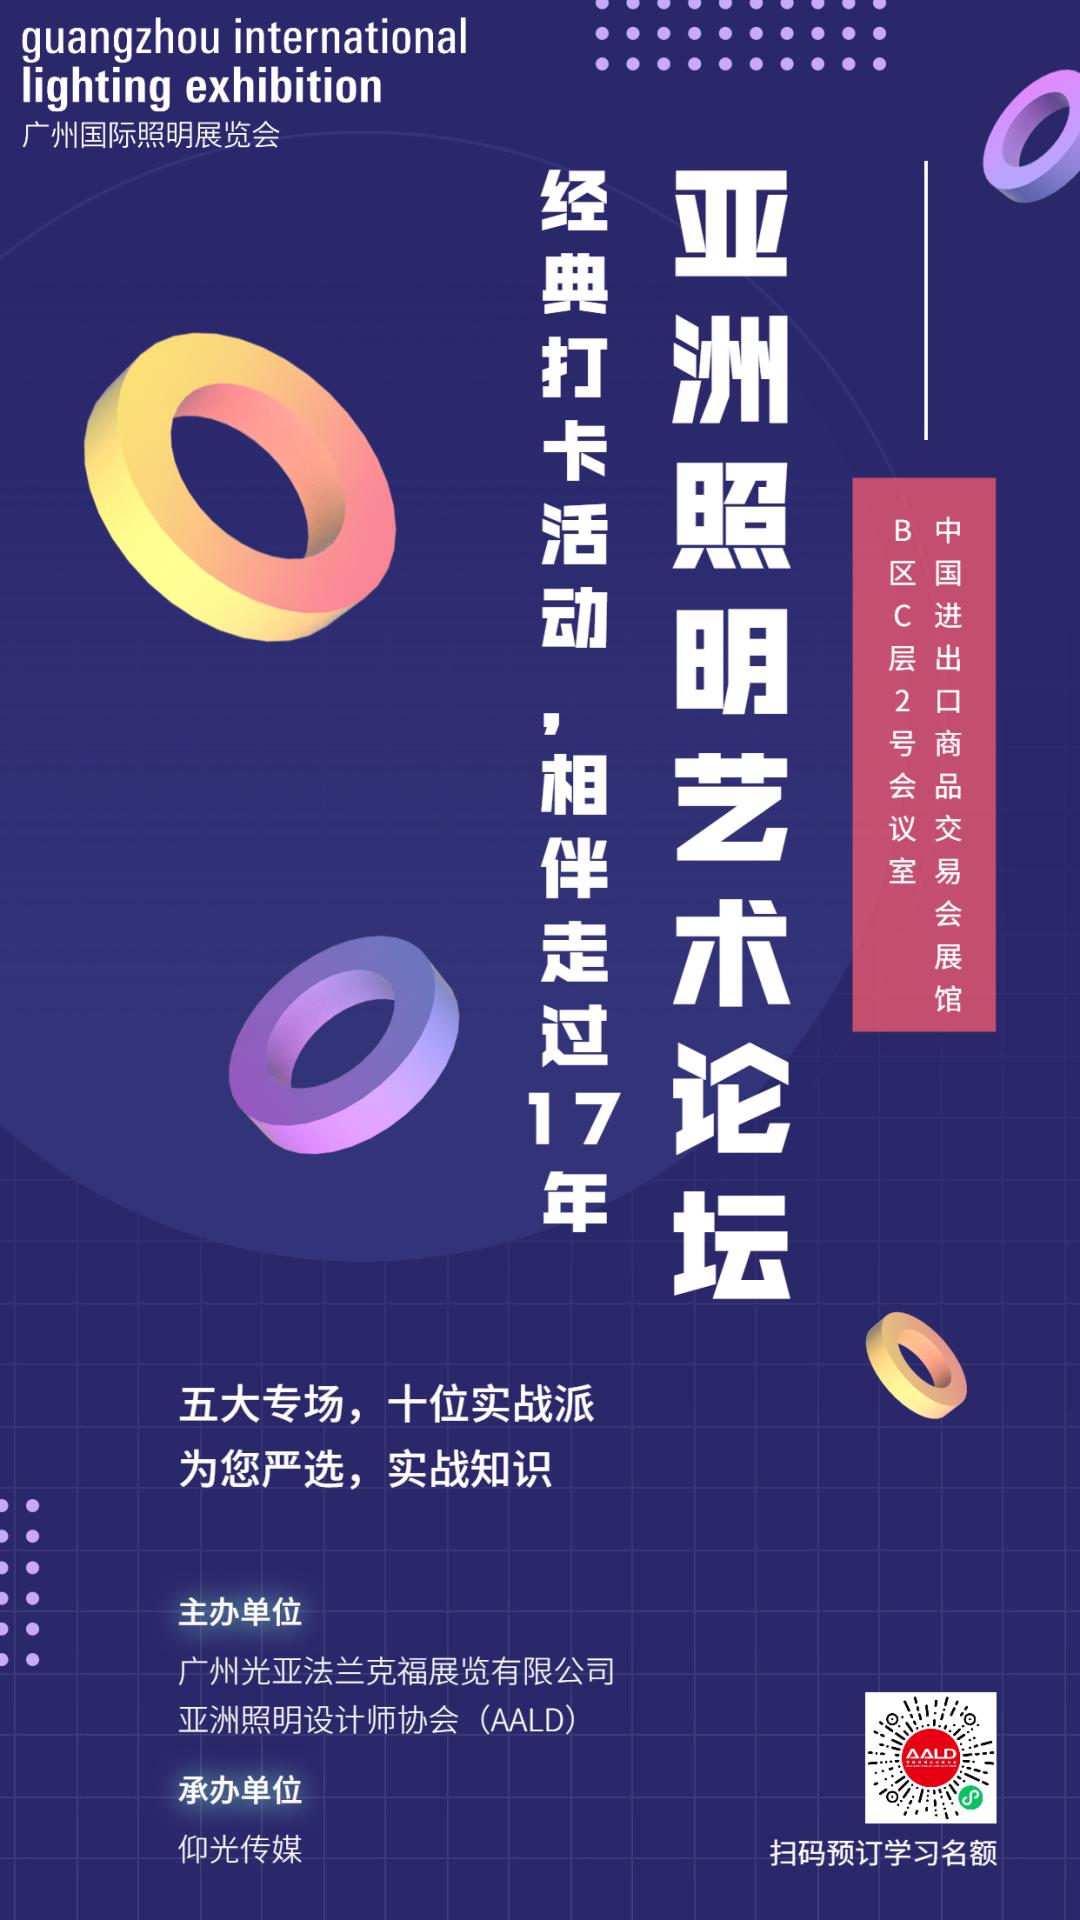 【GILE2021论坛】亚洲照明艺术论坛,6月9-10日B区2号会议室,光与艺术的绽放之旅!